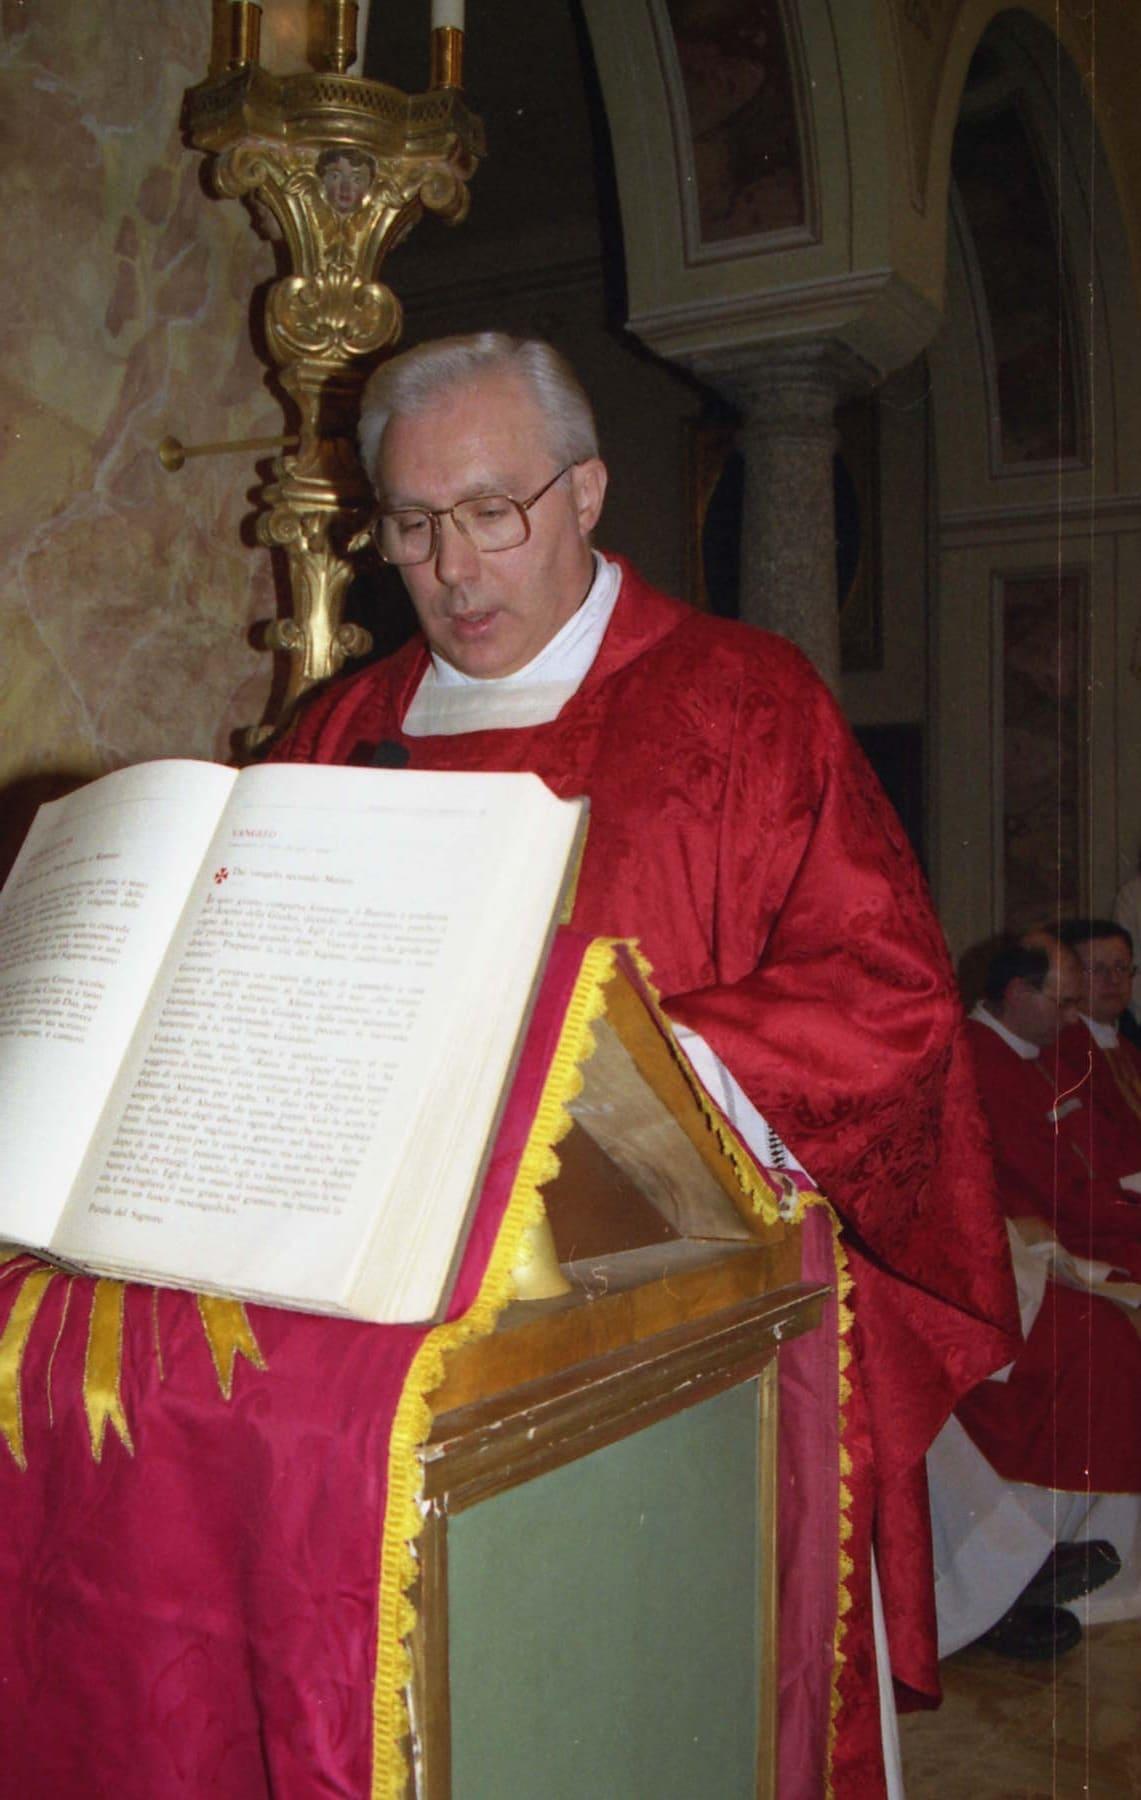 Ingresso come nuovo parroco Don Aldo Mascheroni Sala al Barro 9 dicembre 2001